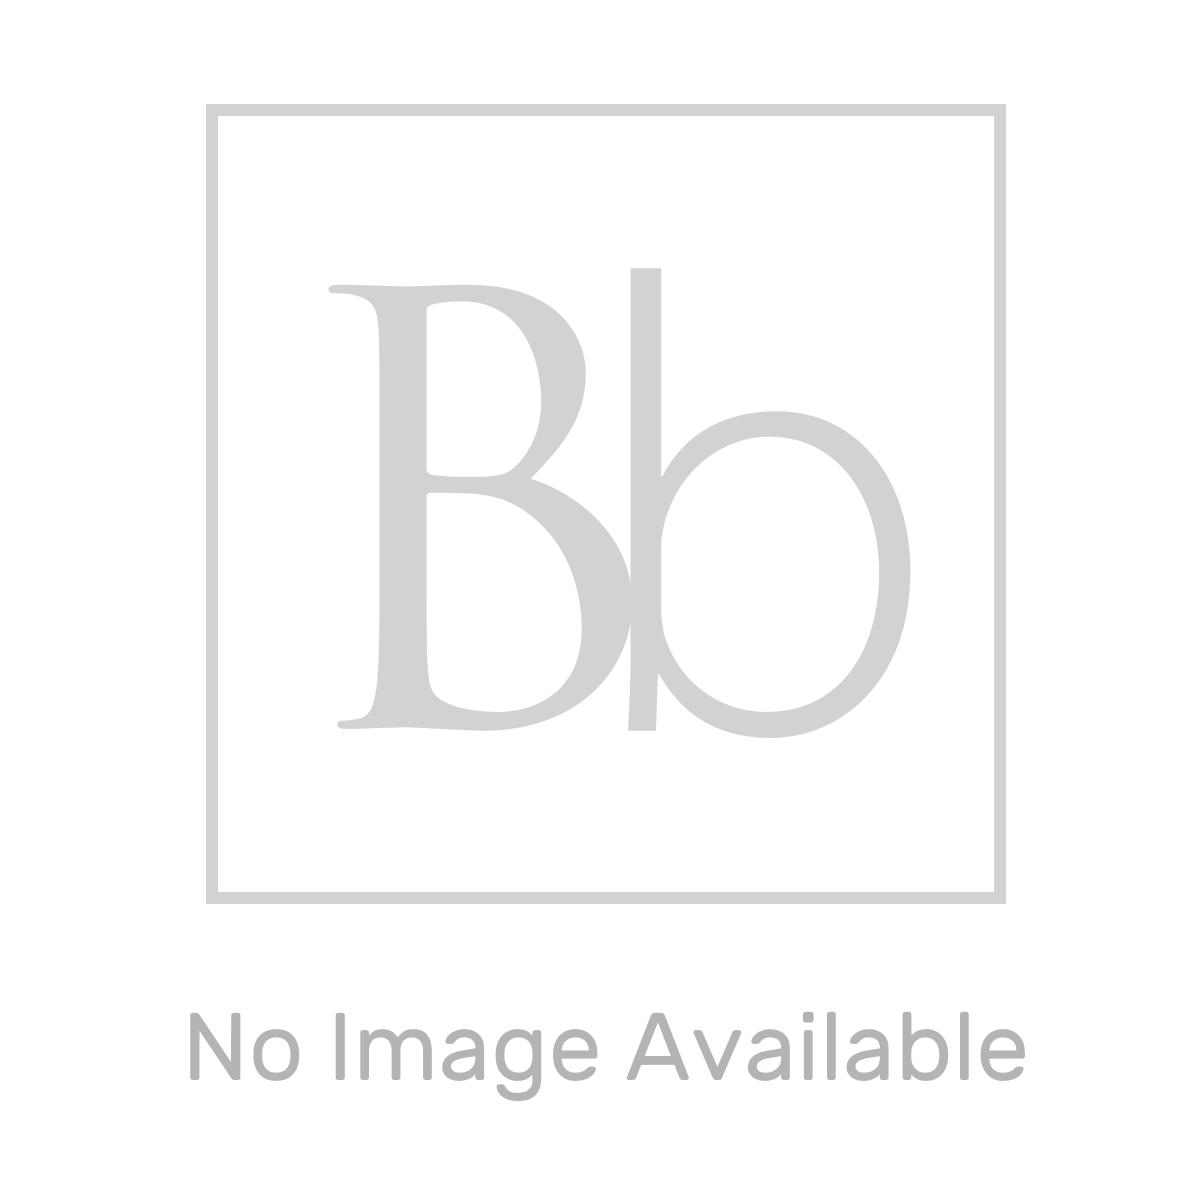 Elation Compact Combination L Shape White Furniture Suite with April Destini Bi Fold Shower Enclosure